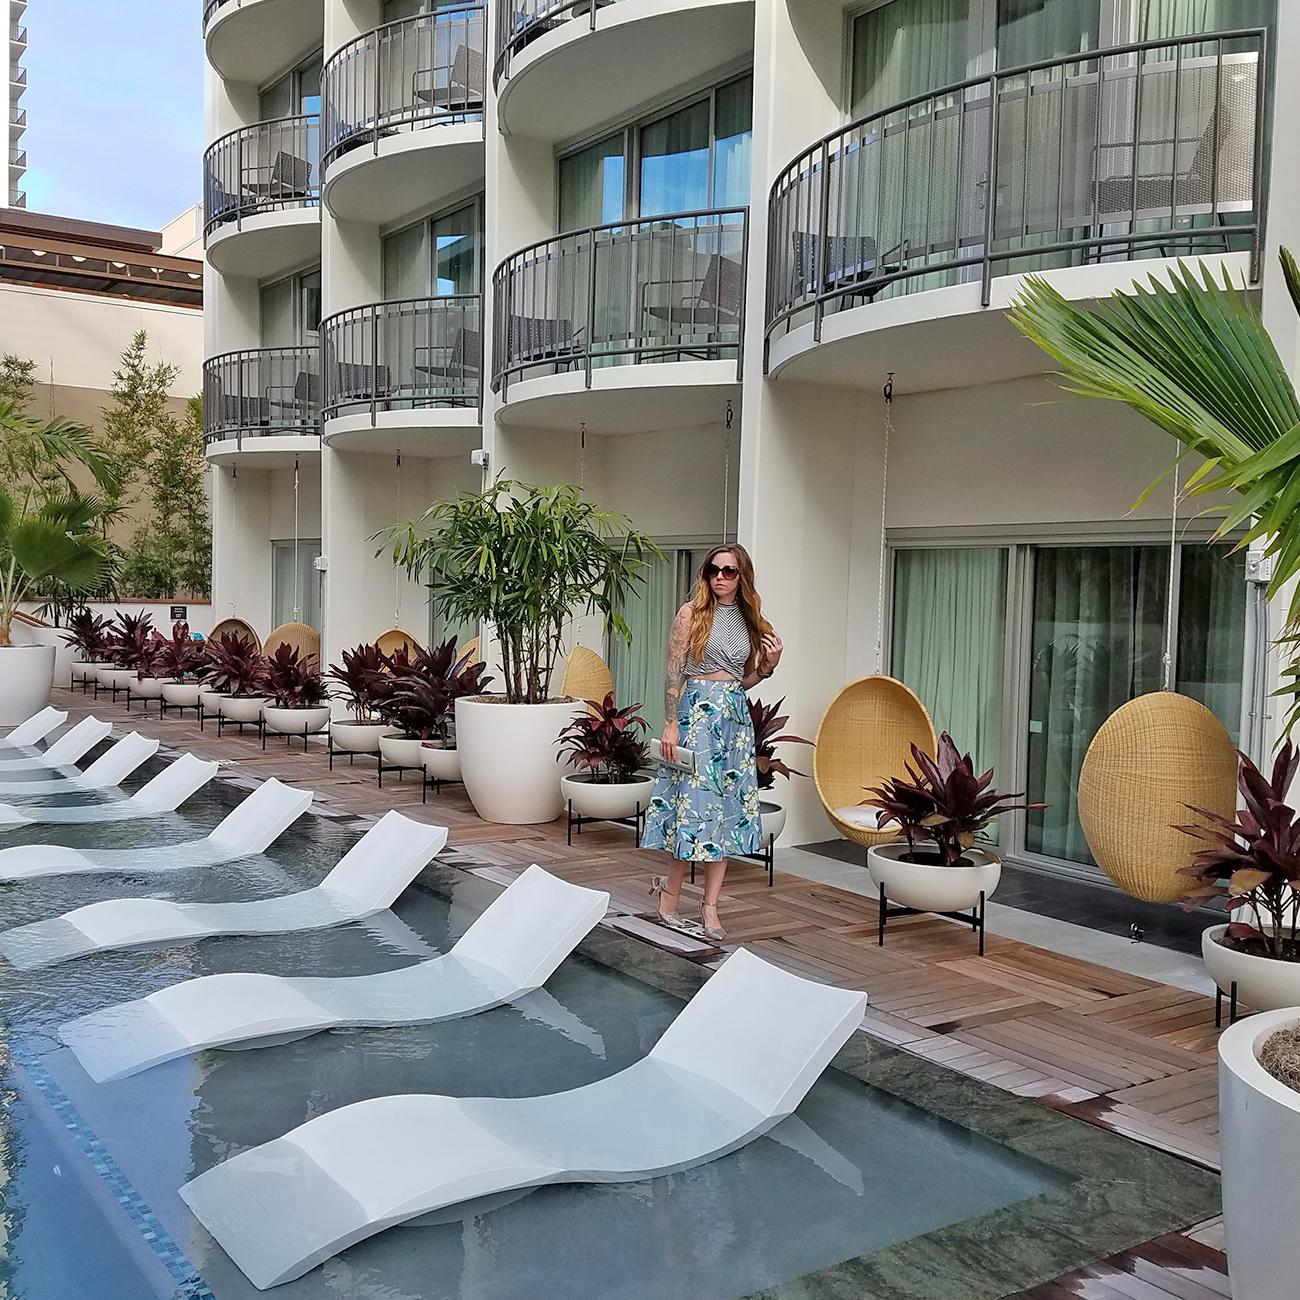 Laylow Waikiki Pool Loungers